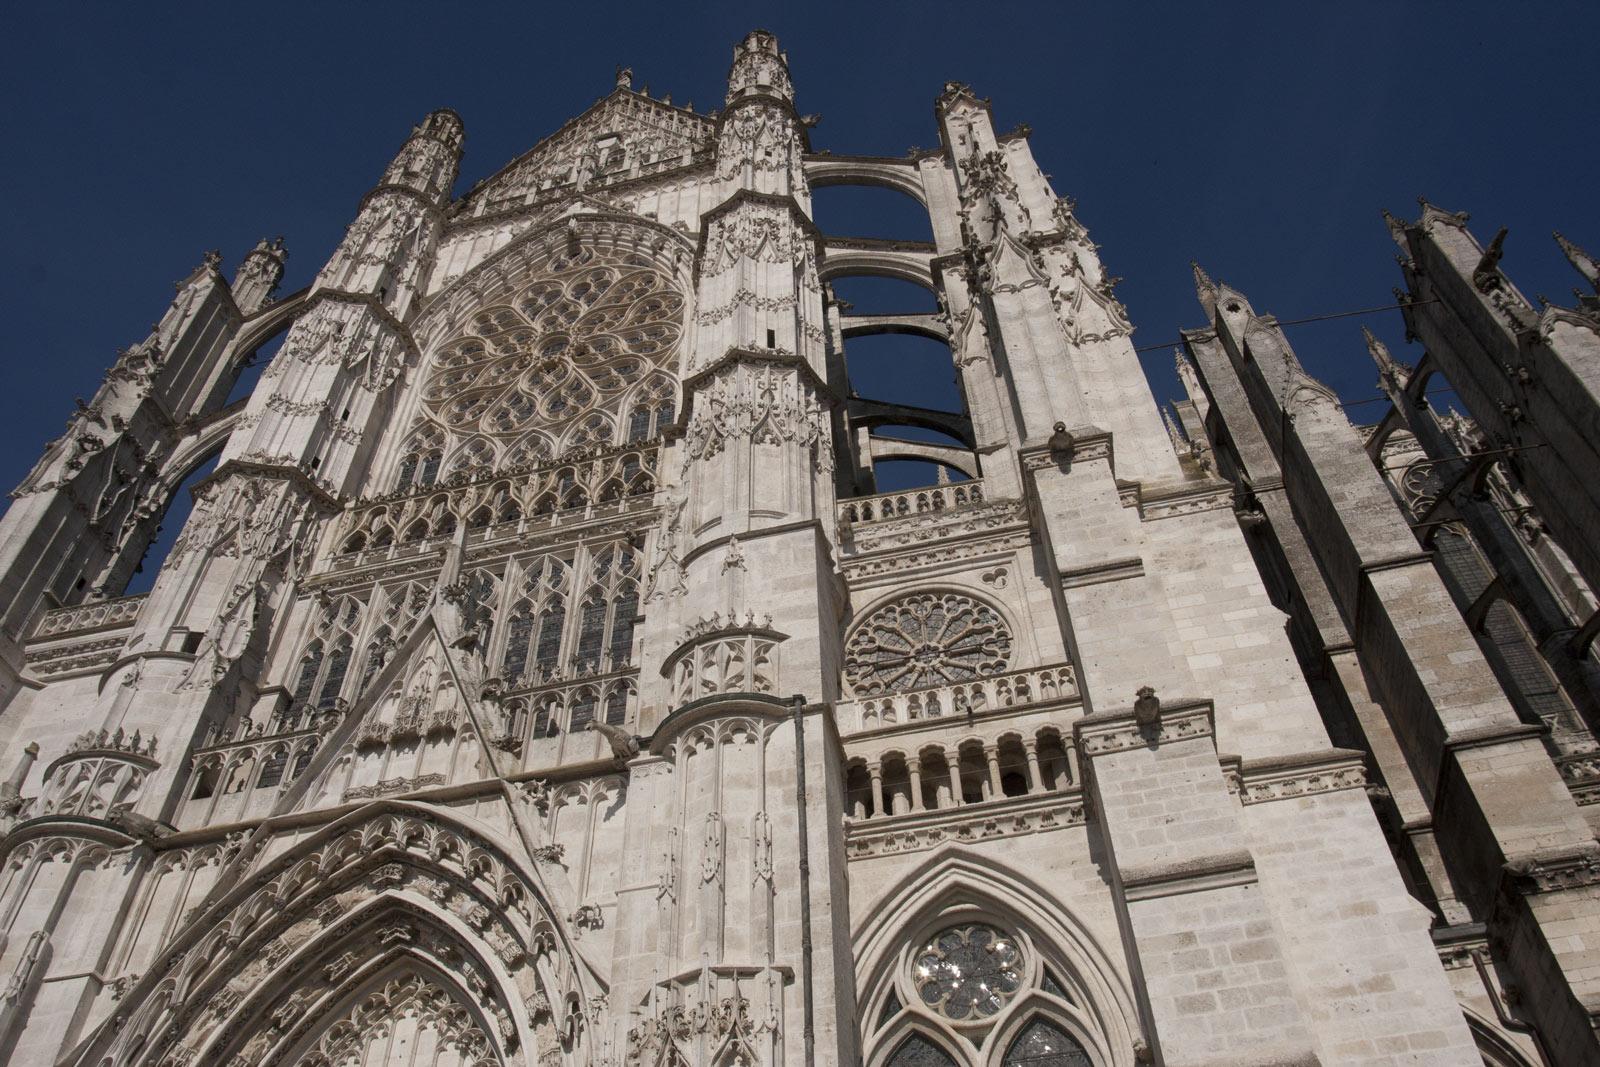 Streken In Frankrijk Archieven Dorpen In Frankrijk